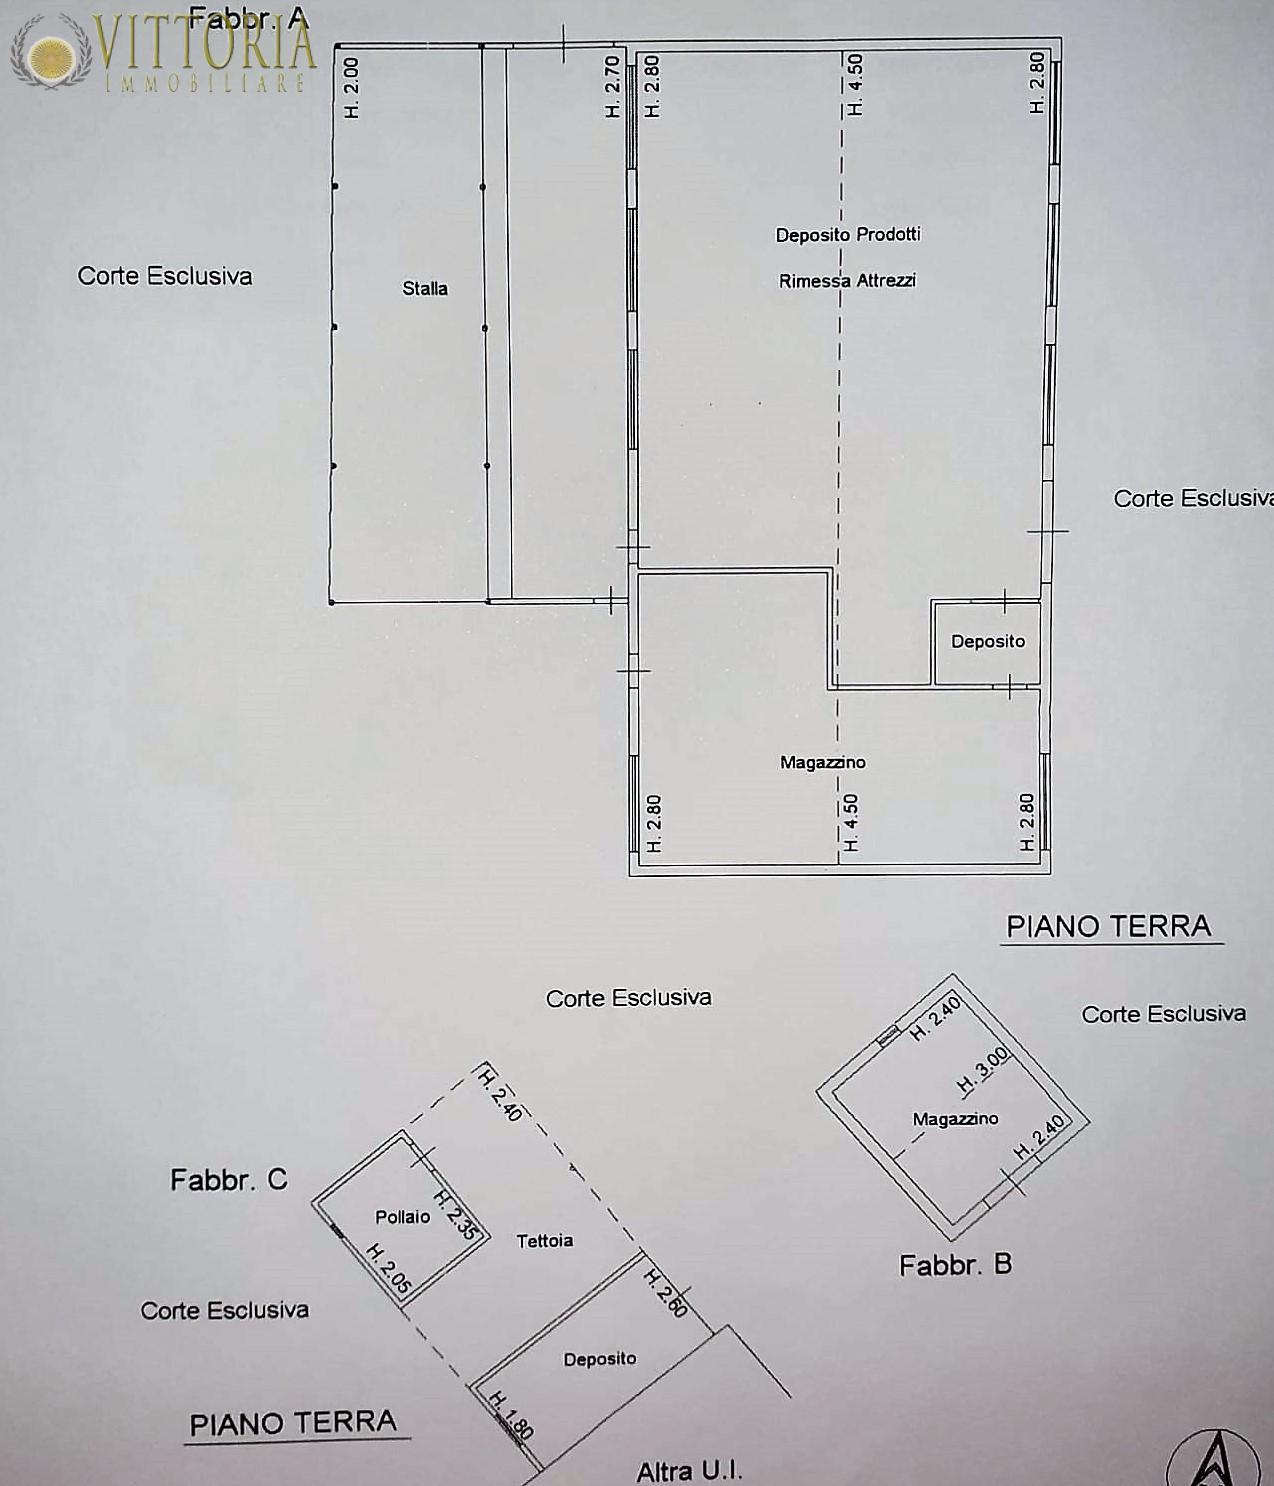 Terreno edif. residenziale in vendita a Grosseto